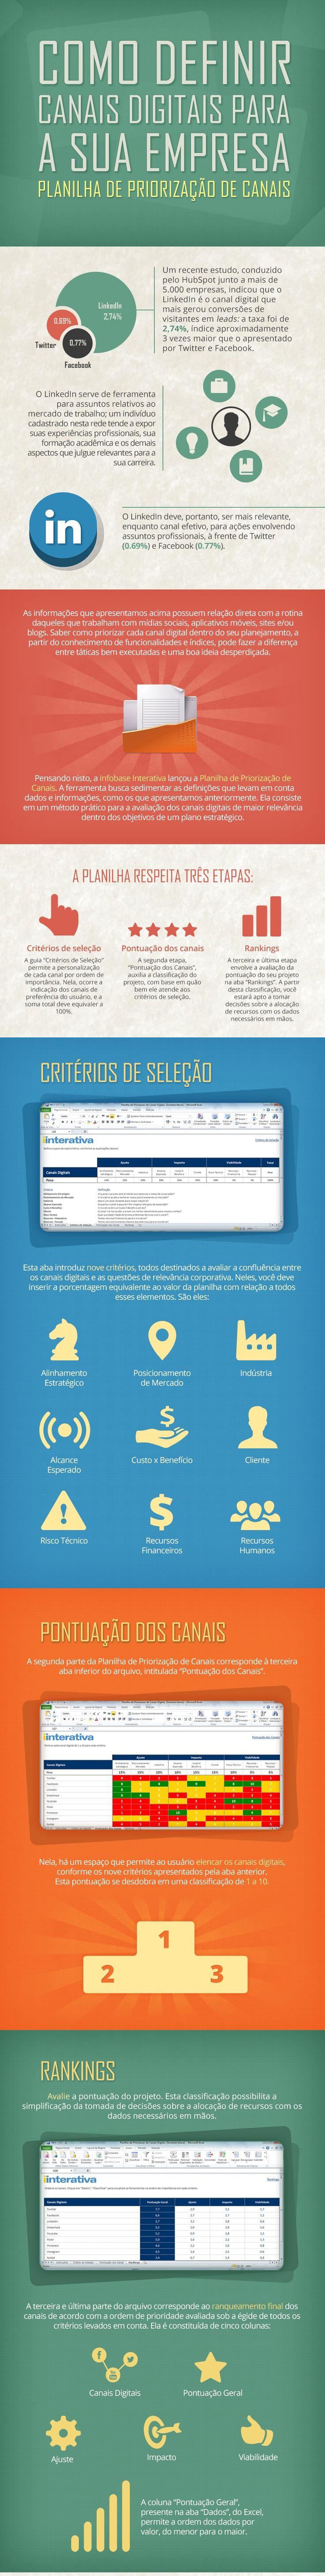 Infográfico: qual é a melhor plataforma digital para sua empresa